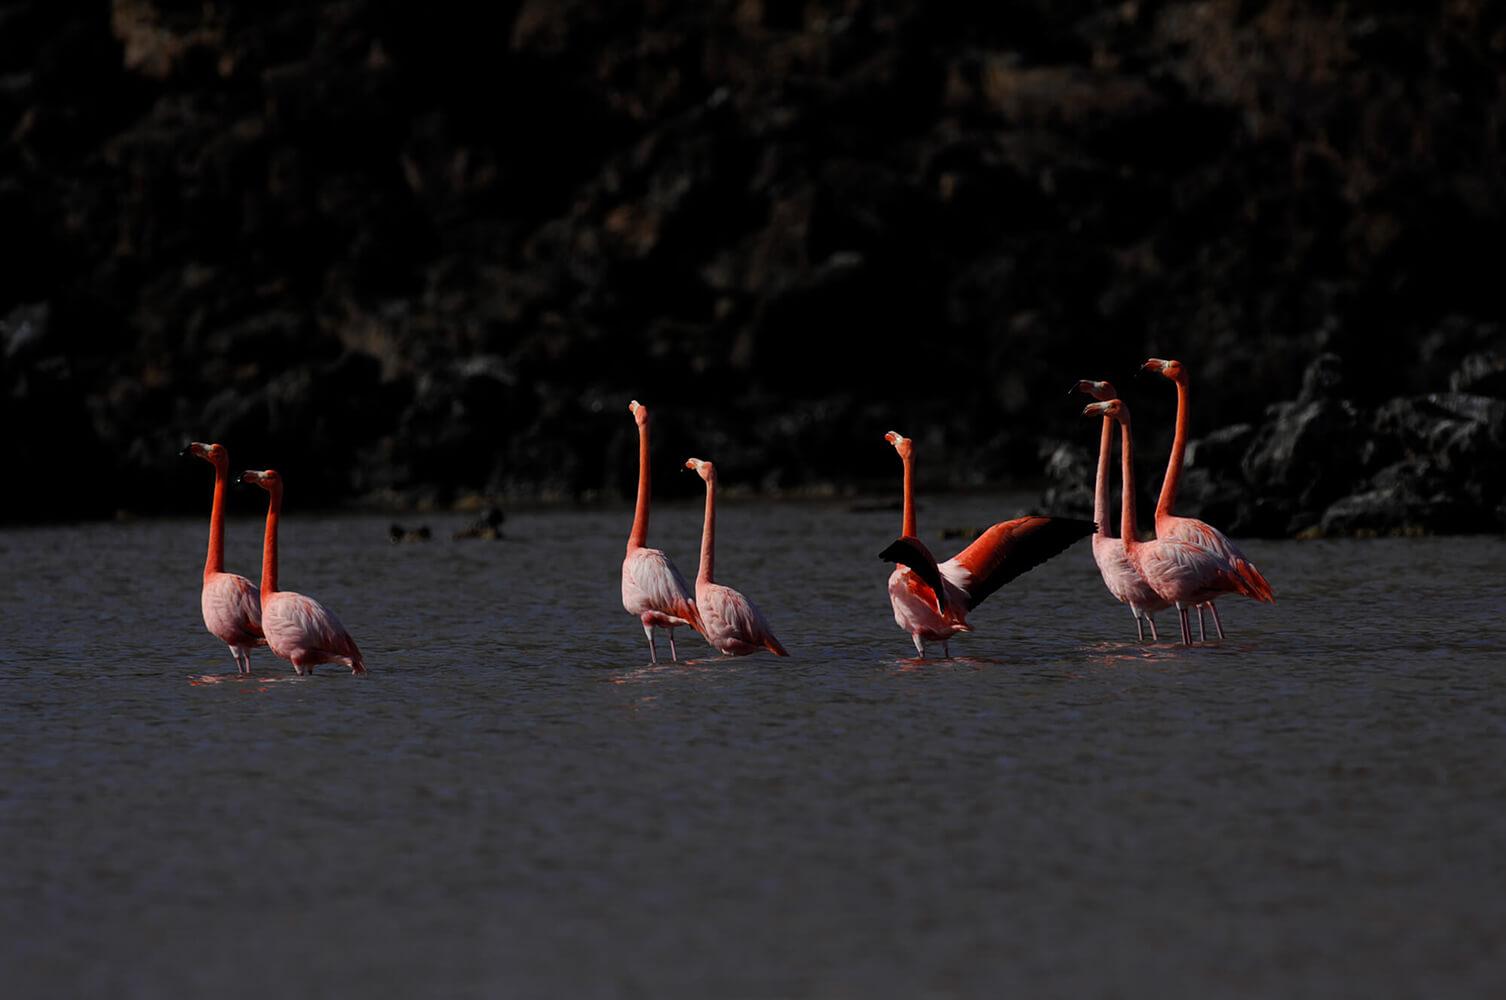 Reise in Galapagos und Ecuador in Südamerika. Ein Schwarm Flamingos steht im Wasser.